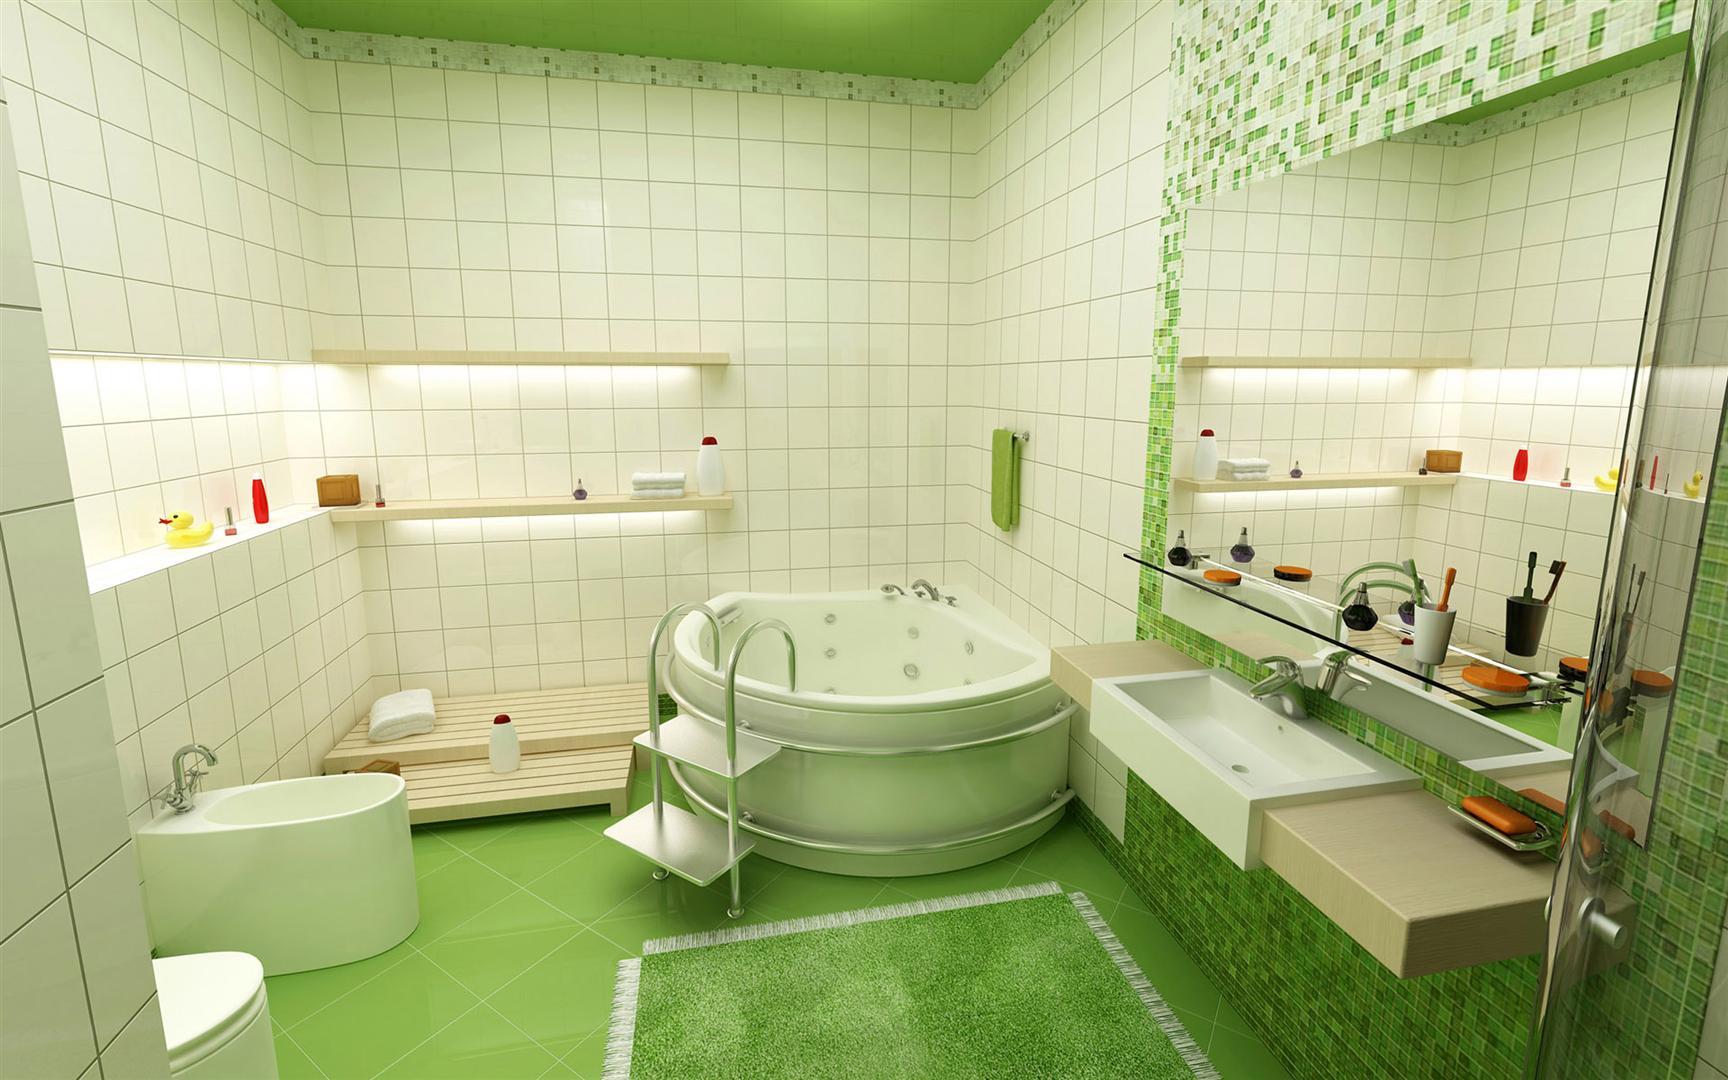 Download Banheiros decorados com pastilhas verdes – Fotos #71441A 1728 1080